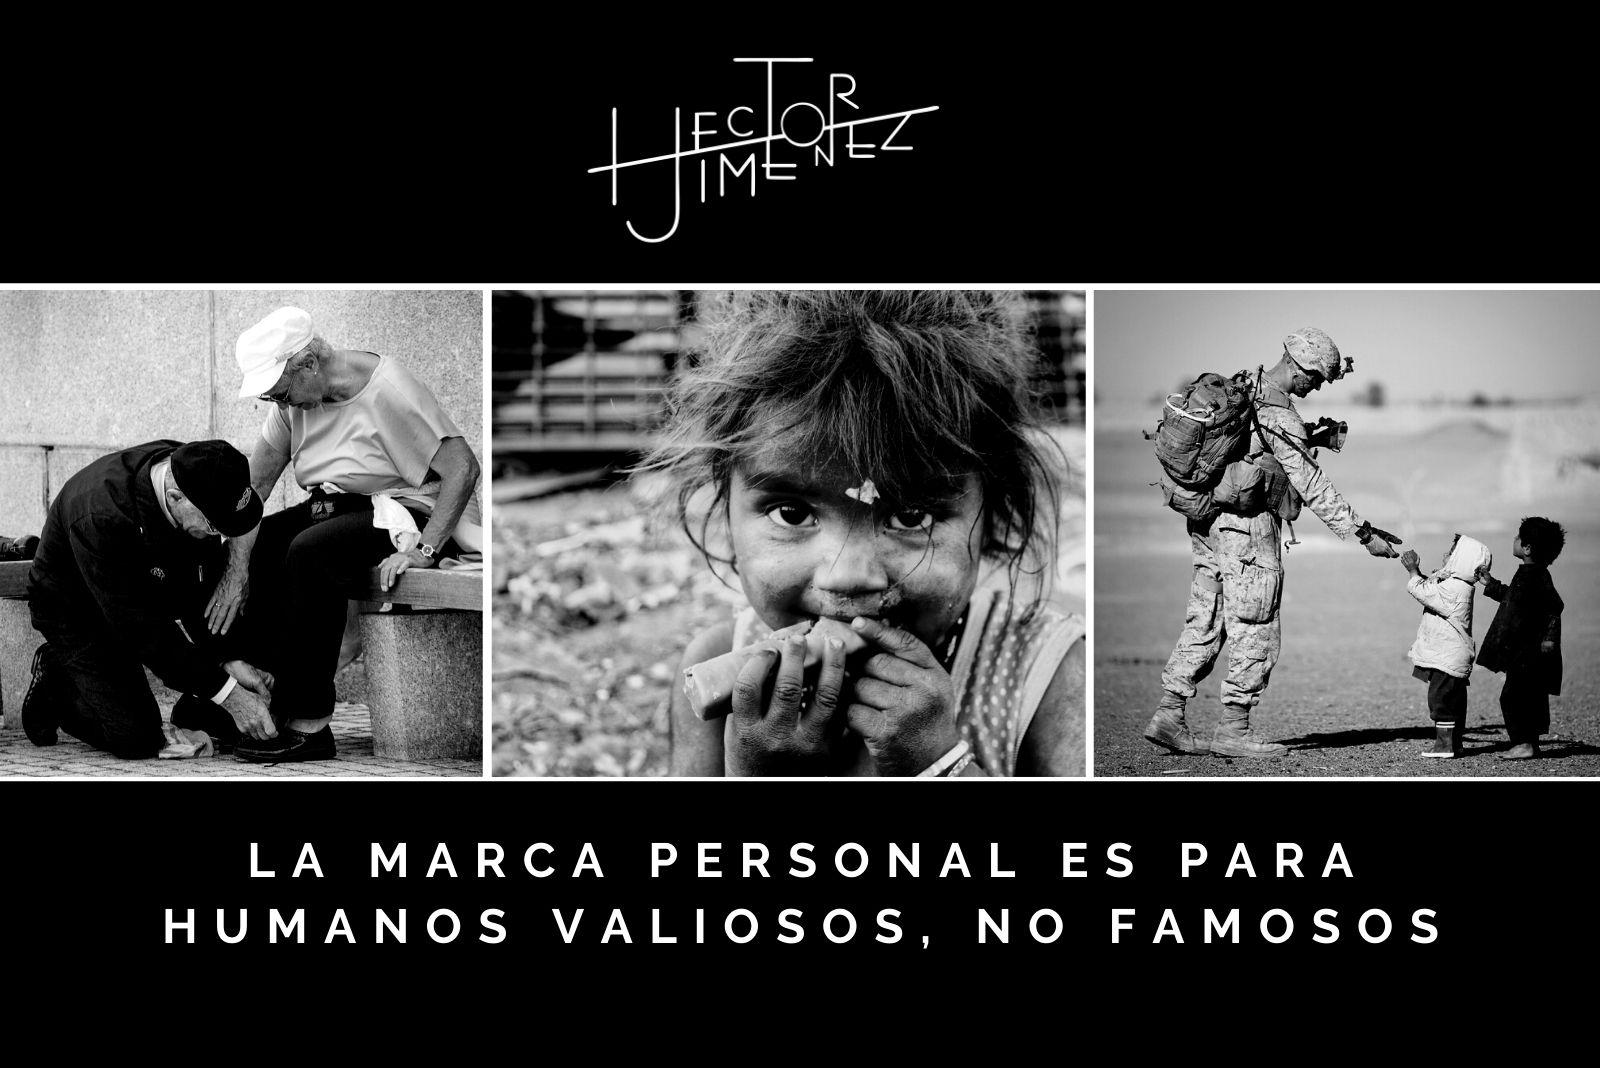 Hector Jimenez - La Marca Personal Es Para Humanos Valiosos, No Famosos